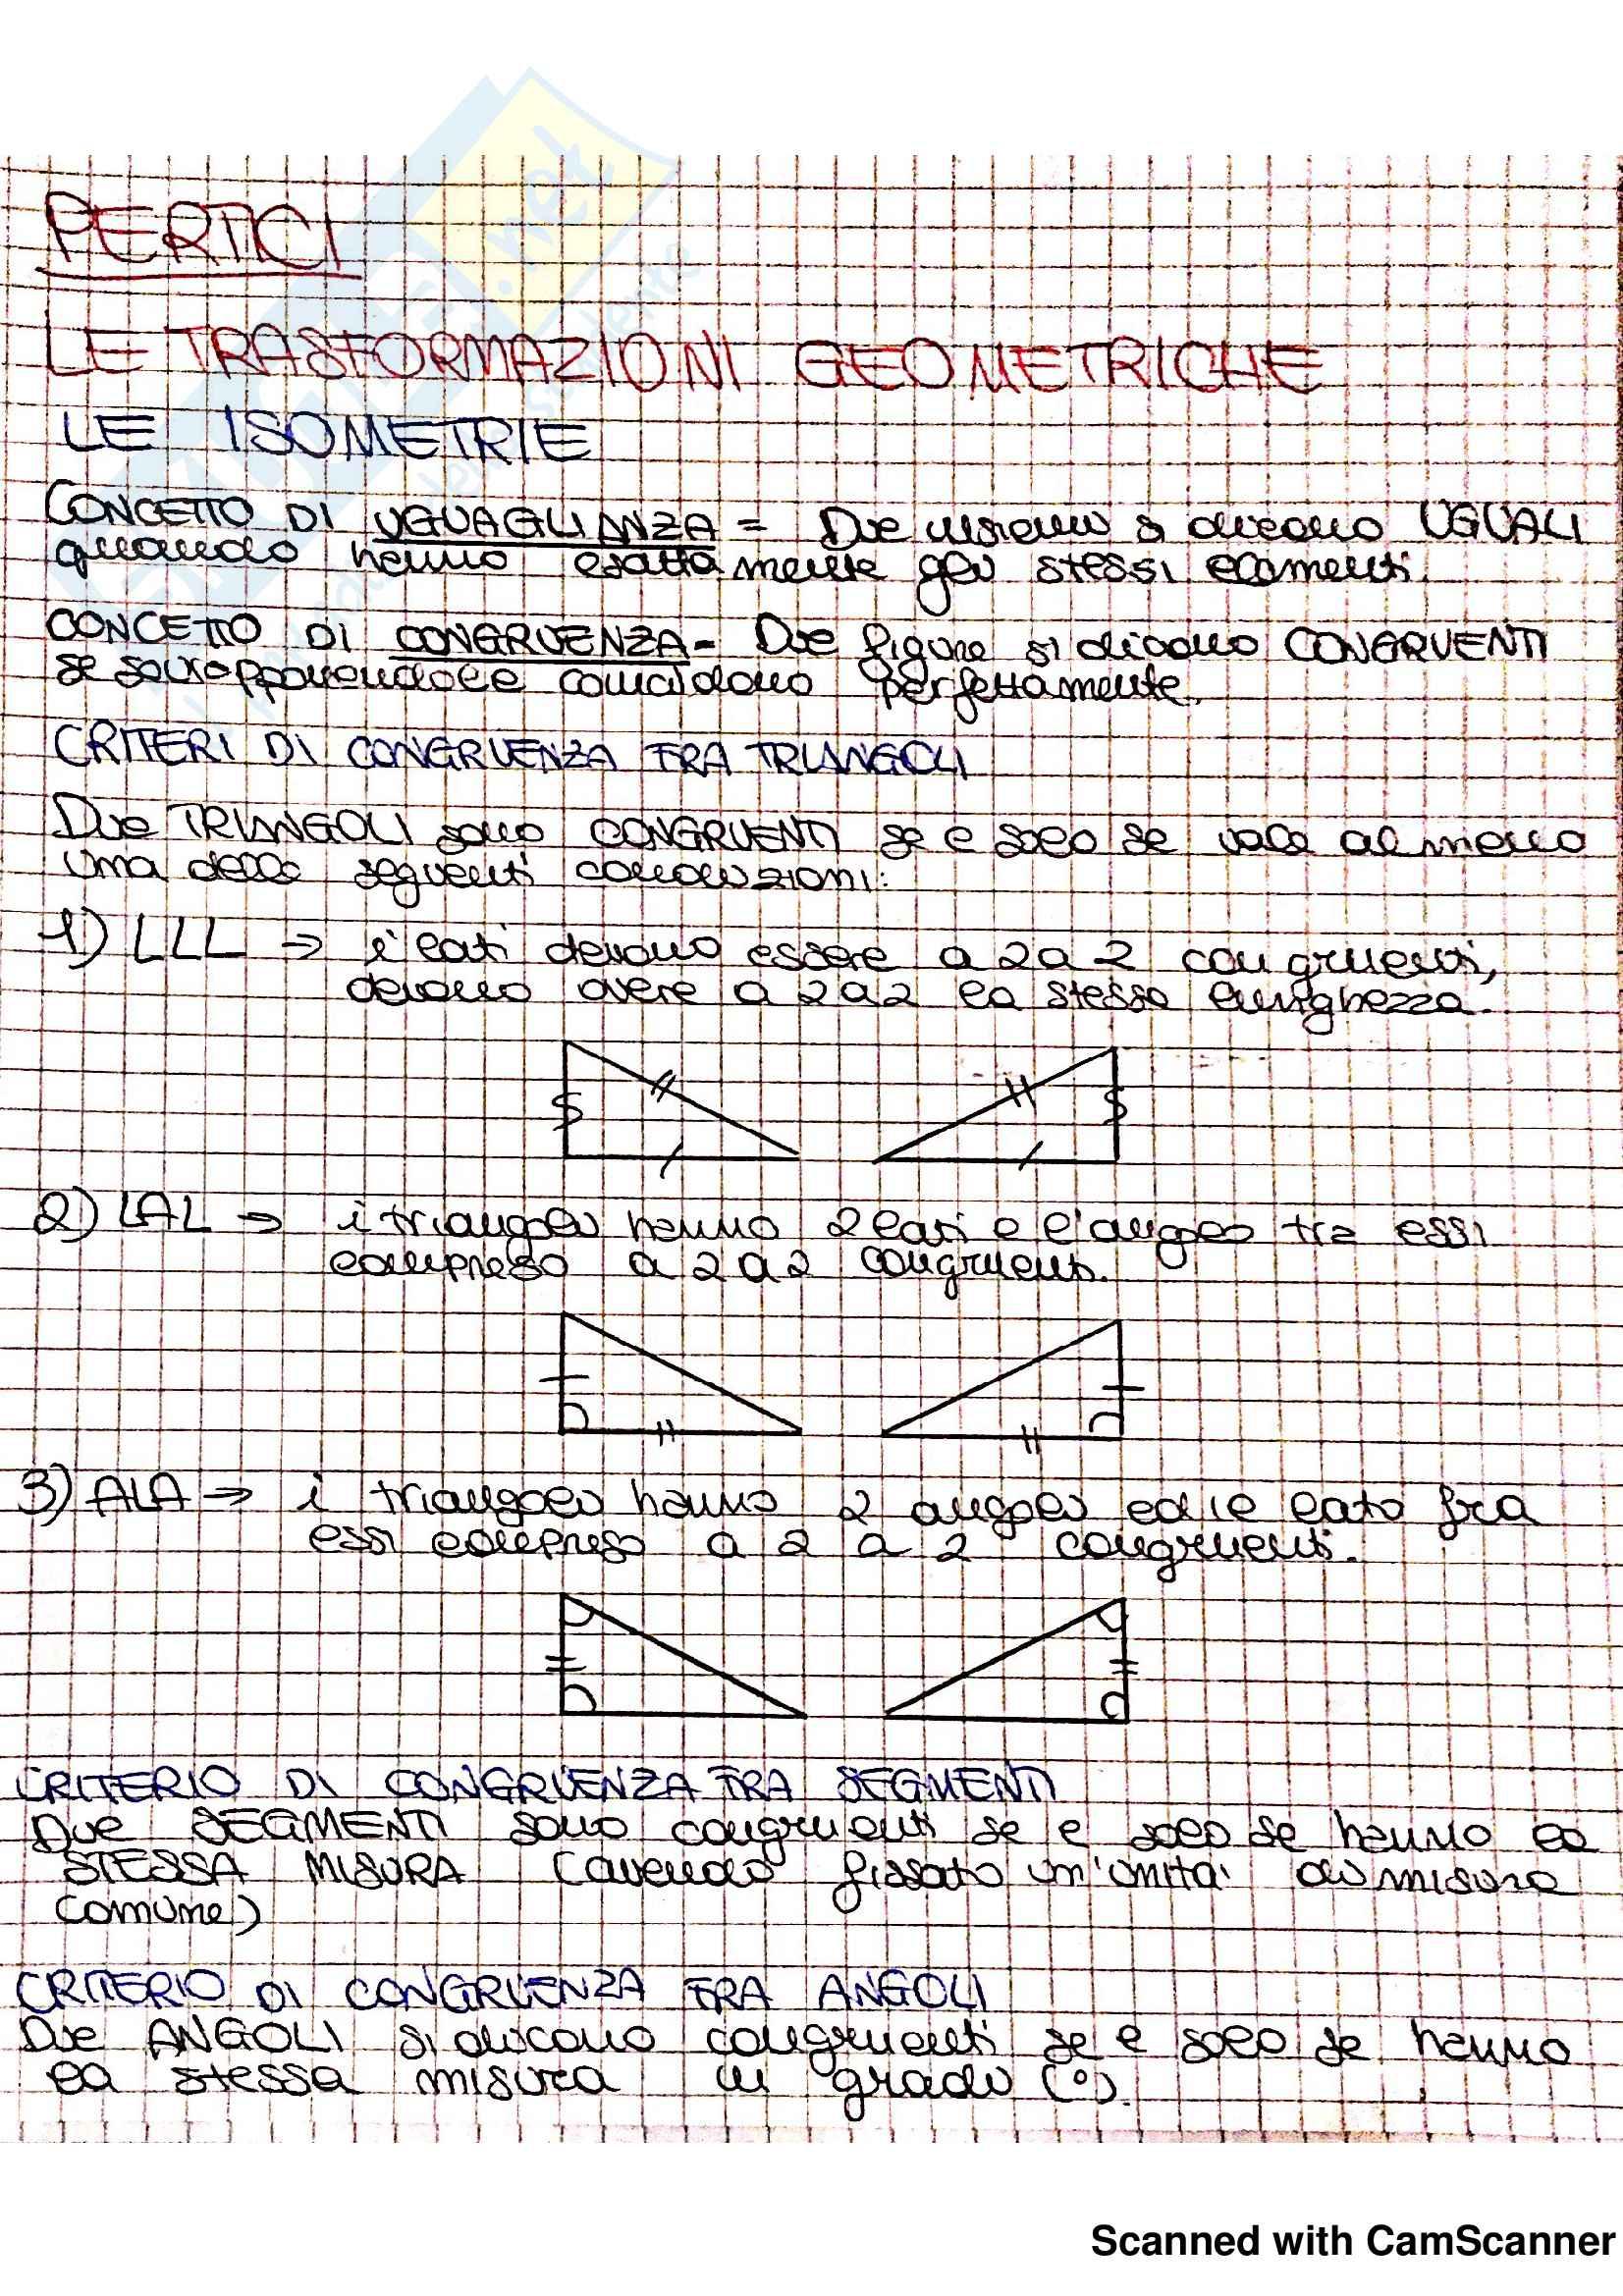 Appunti ed Esercizi Matematica per la formazione di base (II): Trasformazioni geometriche (isometrie), Simmetrie delle figure piane